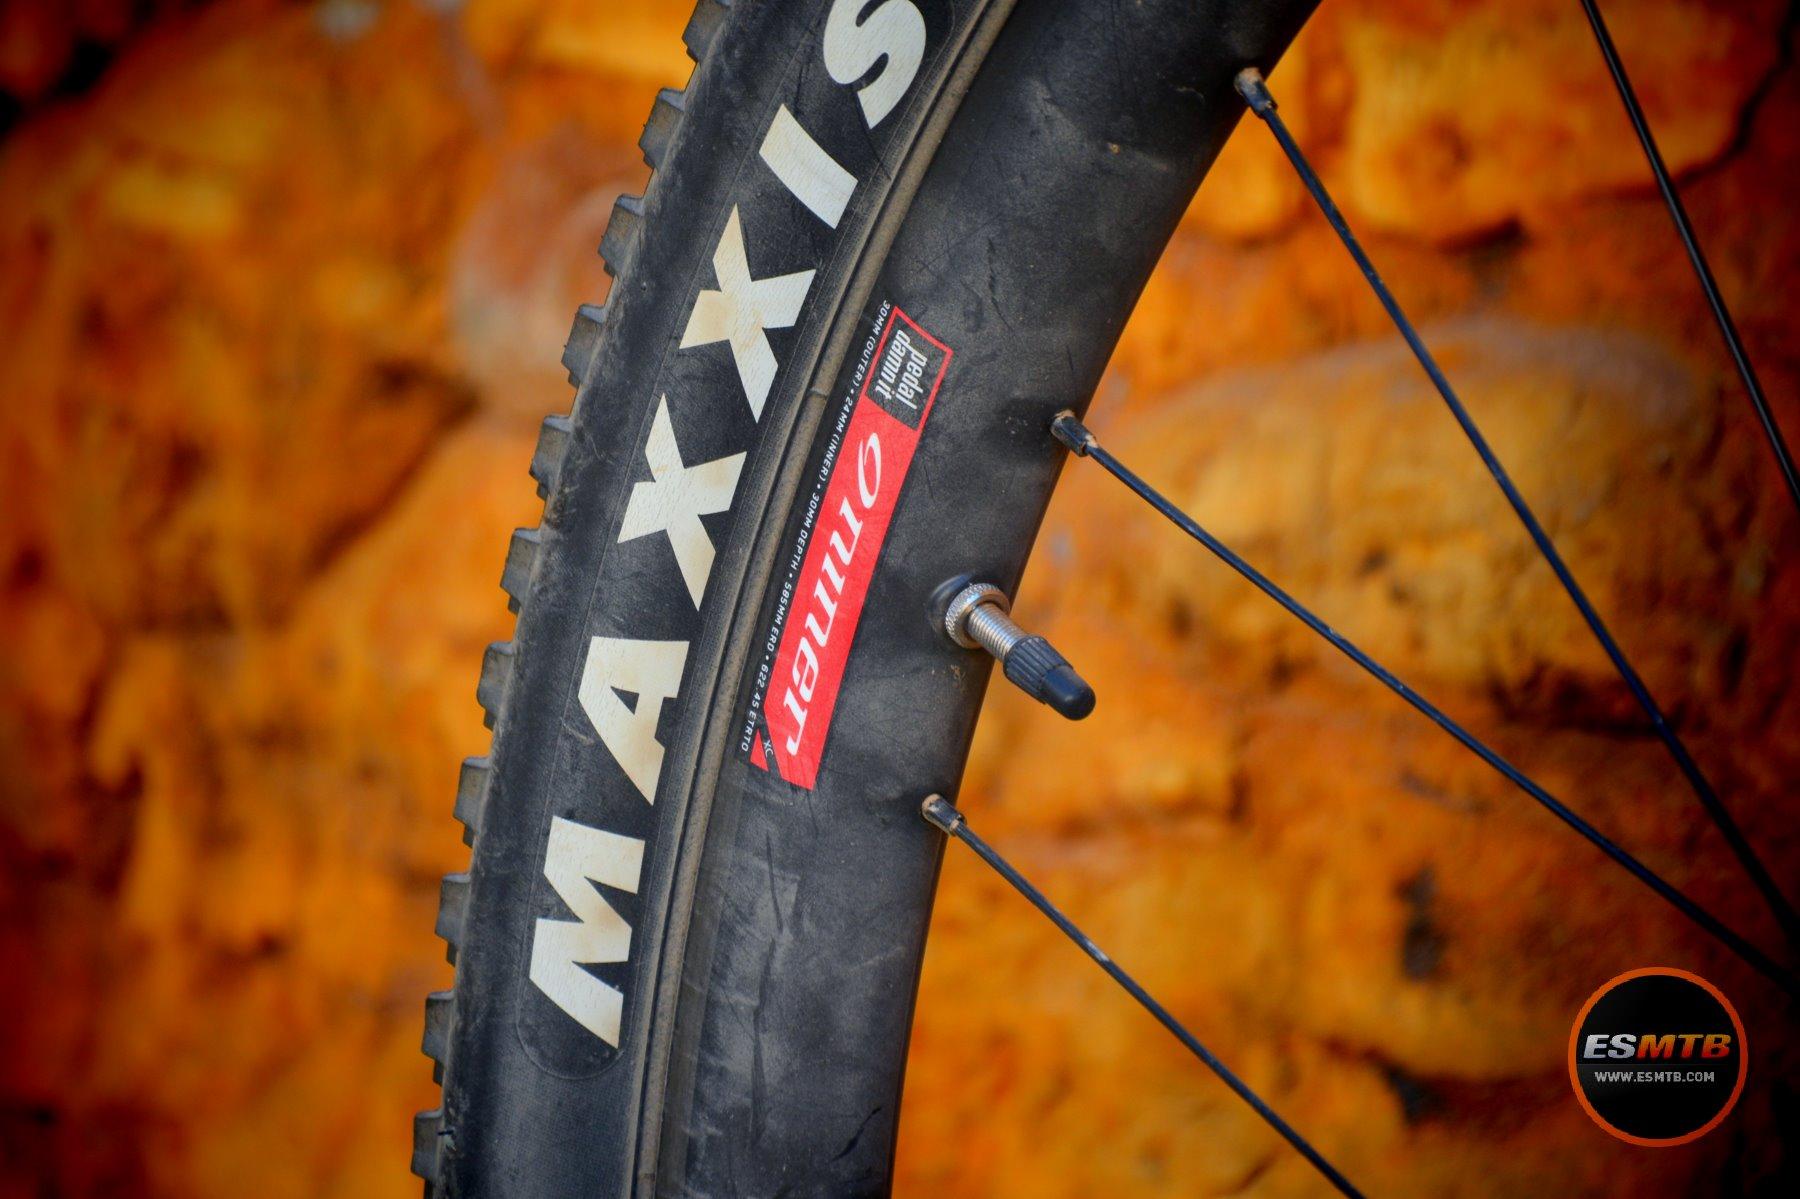 Las ruedas Niner XC Carbon, sacando ventaja de la llanta ancha y el montaje Boost